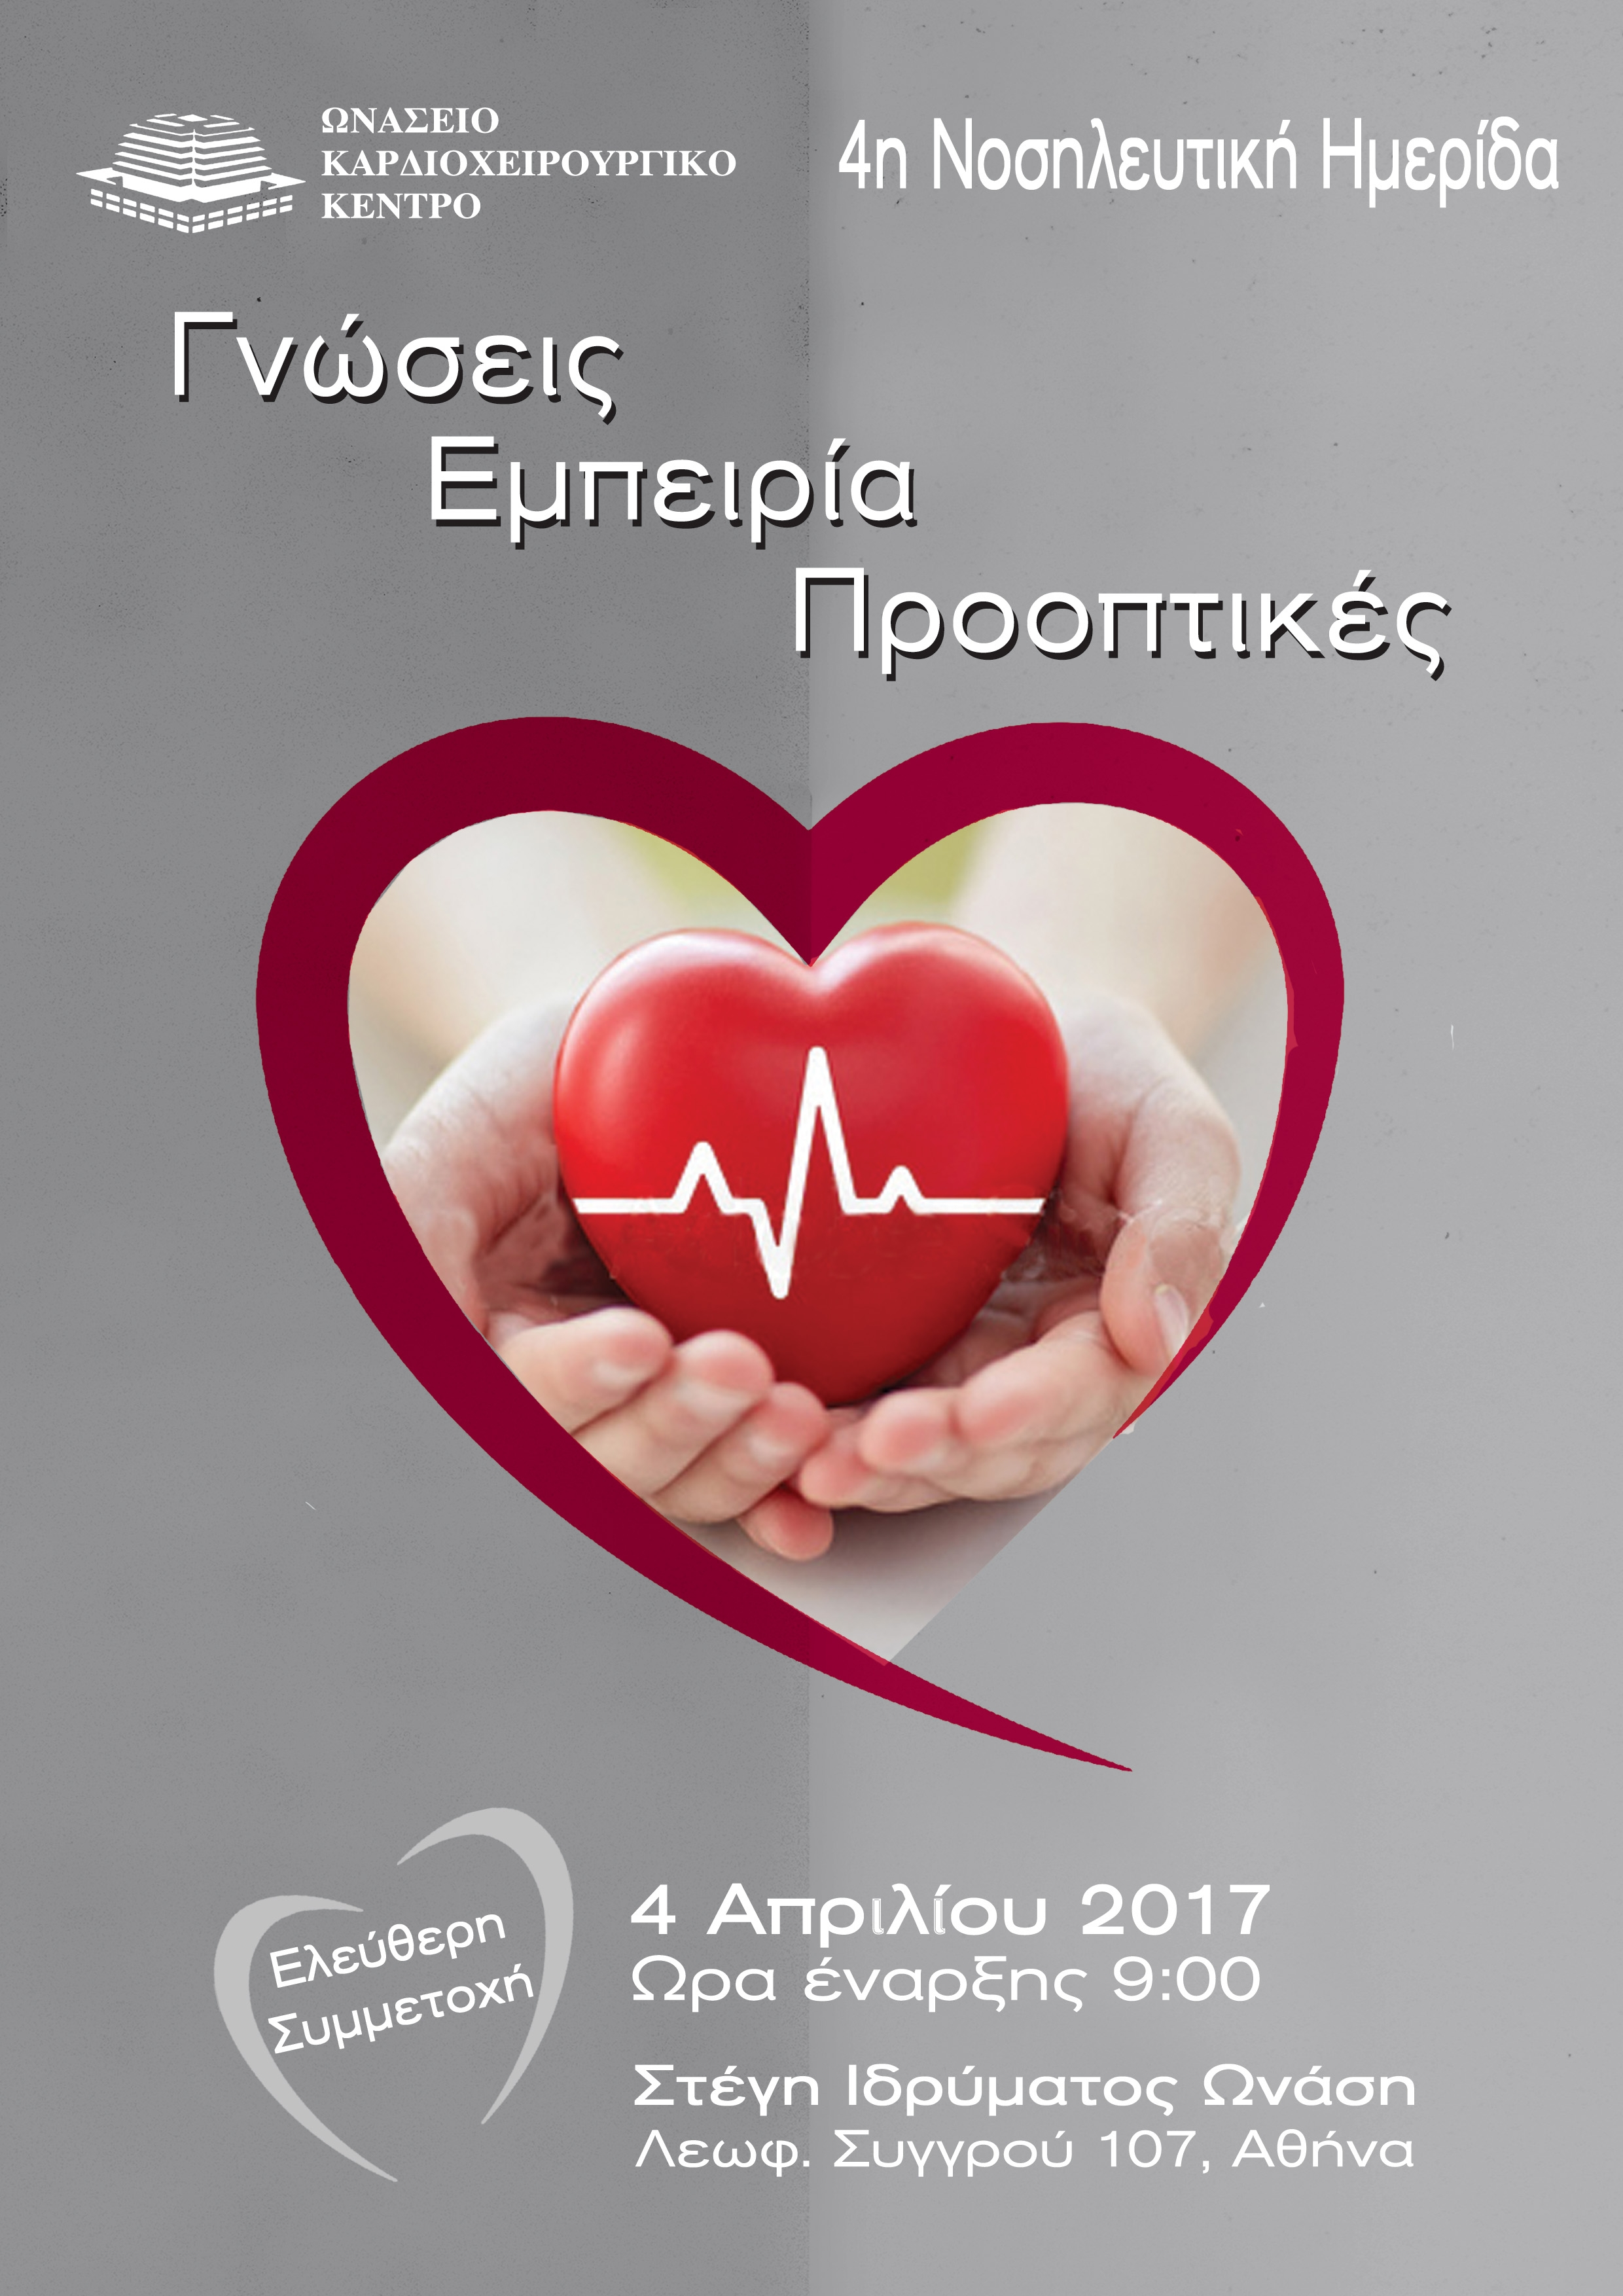 ΝοσηλευτικήΗμερίδα_Αφίσα